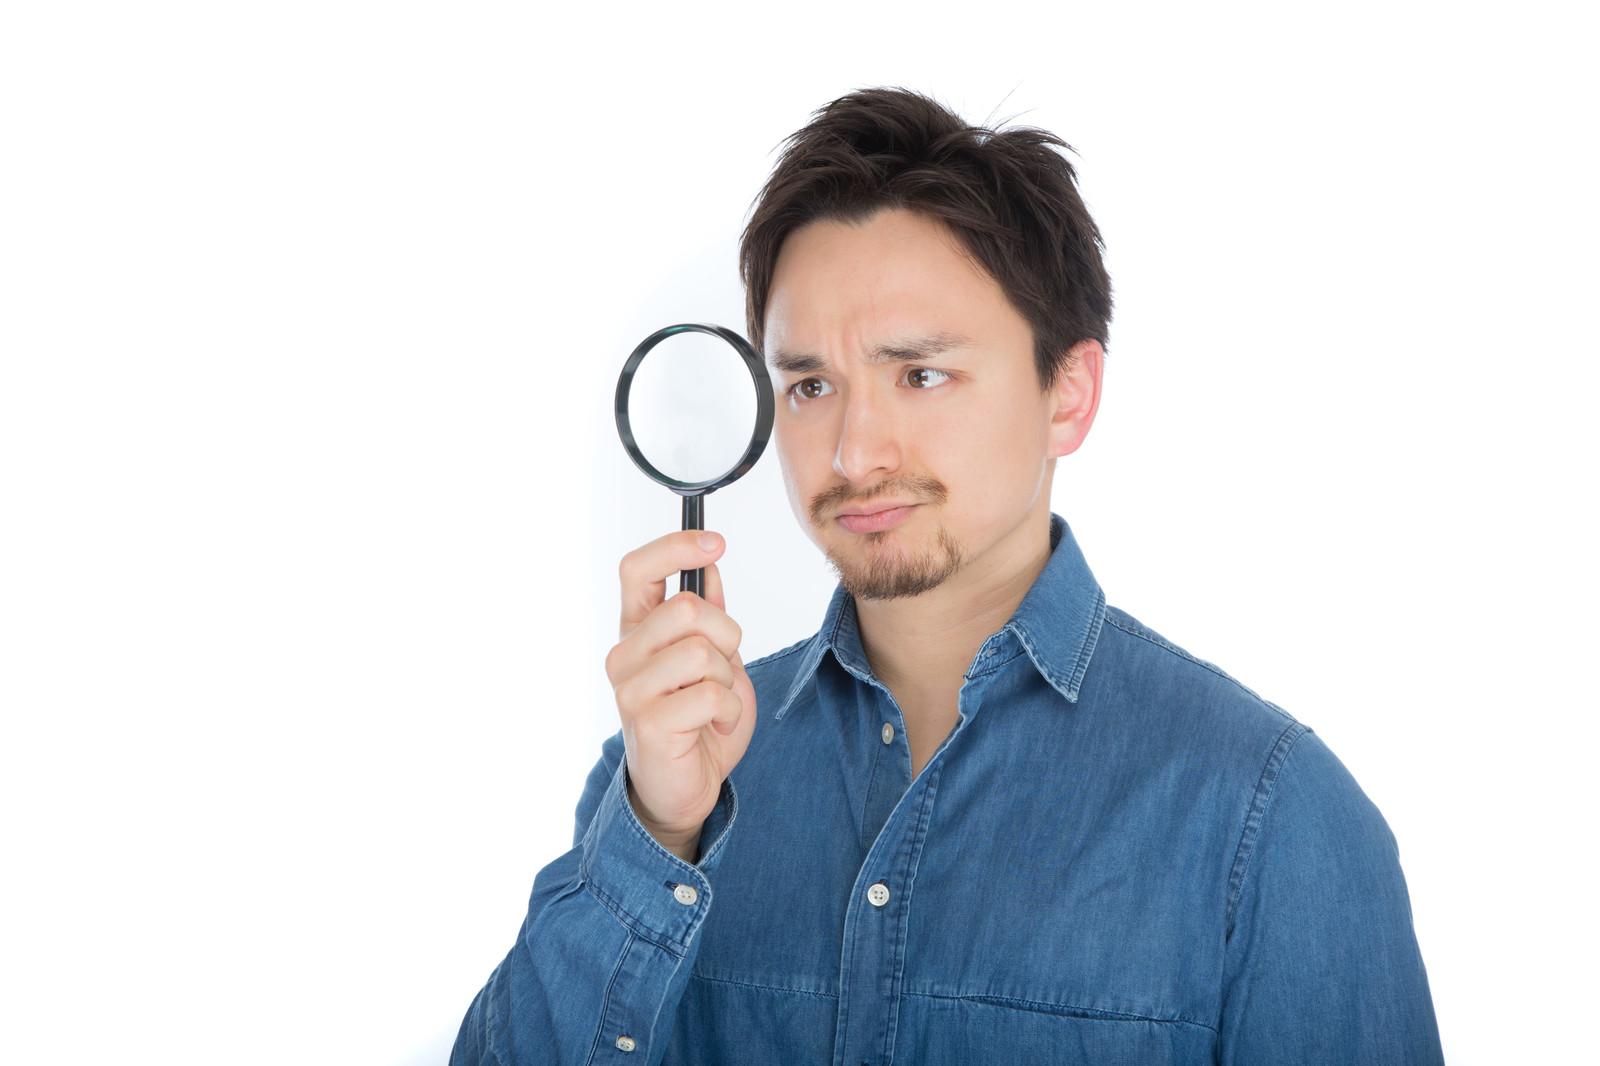 松岡伸矢 正伸 DNA鑑定 和田竜人 いつ 結果 画像